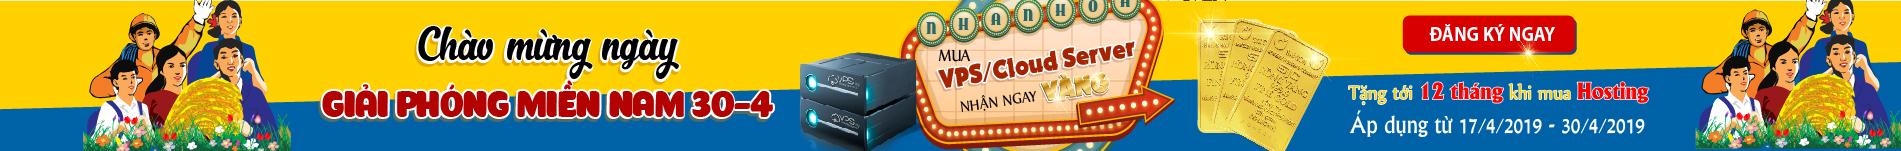 Thuê máy chủ ảo Cloud Server-VPS (Windows) giá rẻ tốt nhất Việt Nam